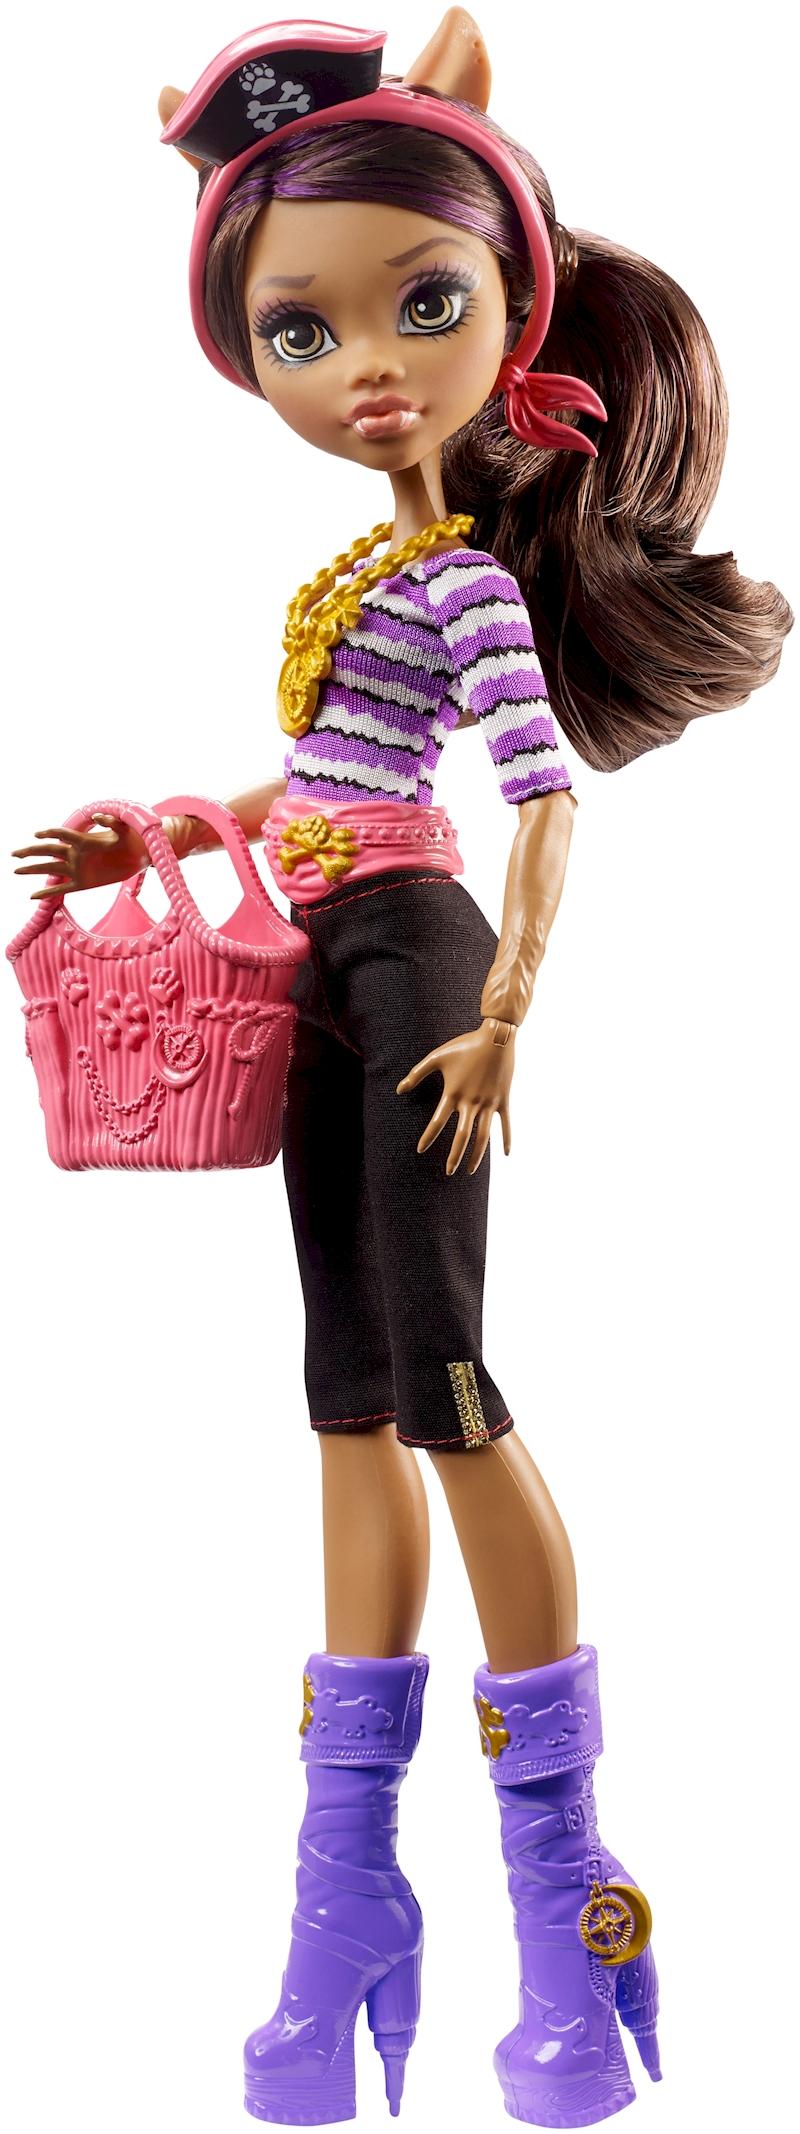 Monster High Shriekwrecked Shriek Mates Clawdeen Wolf Doll Shop Monster High Doll Accessories Playsets Toys Monster High